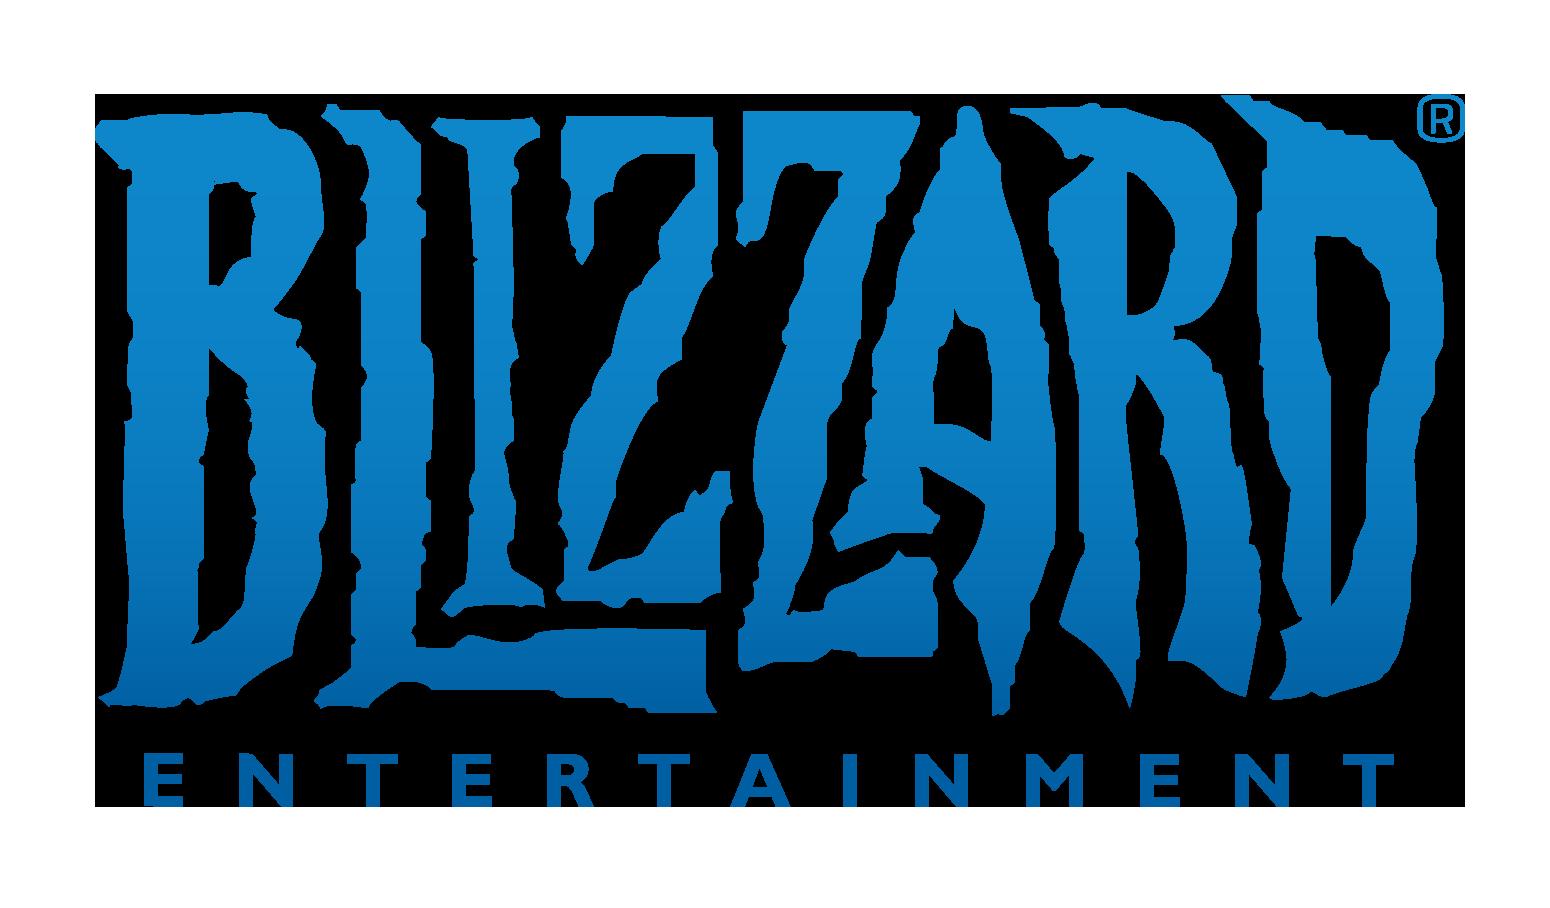 Blizzard_Entertainment_Logo_2015x.png